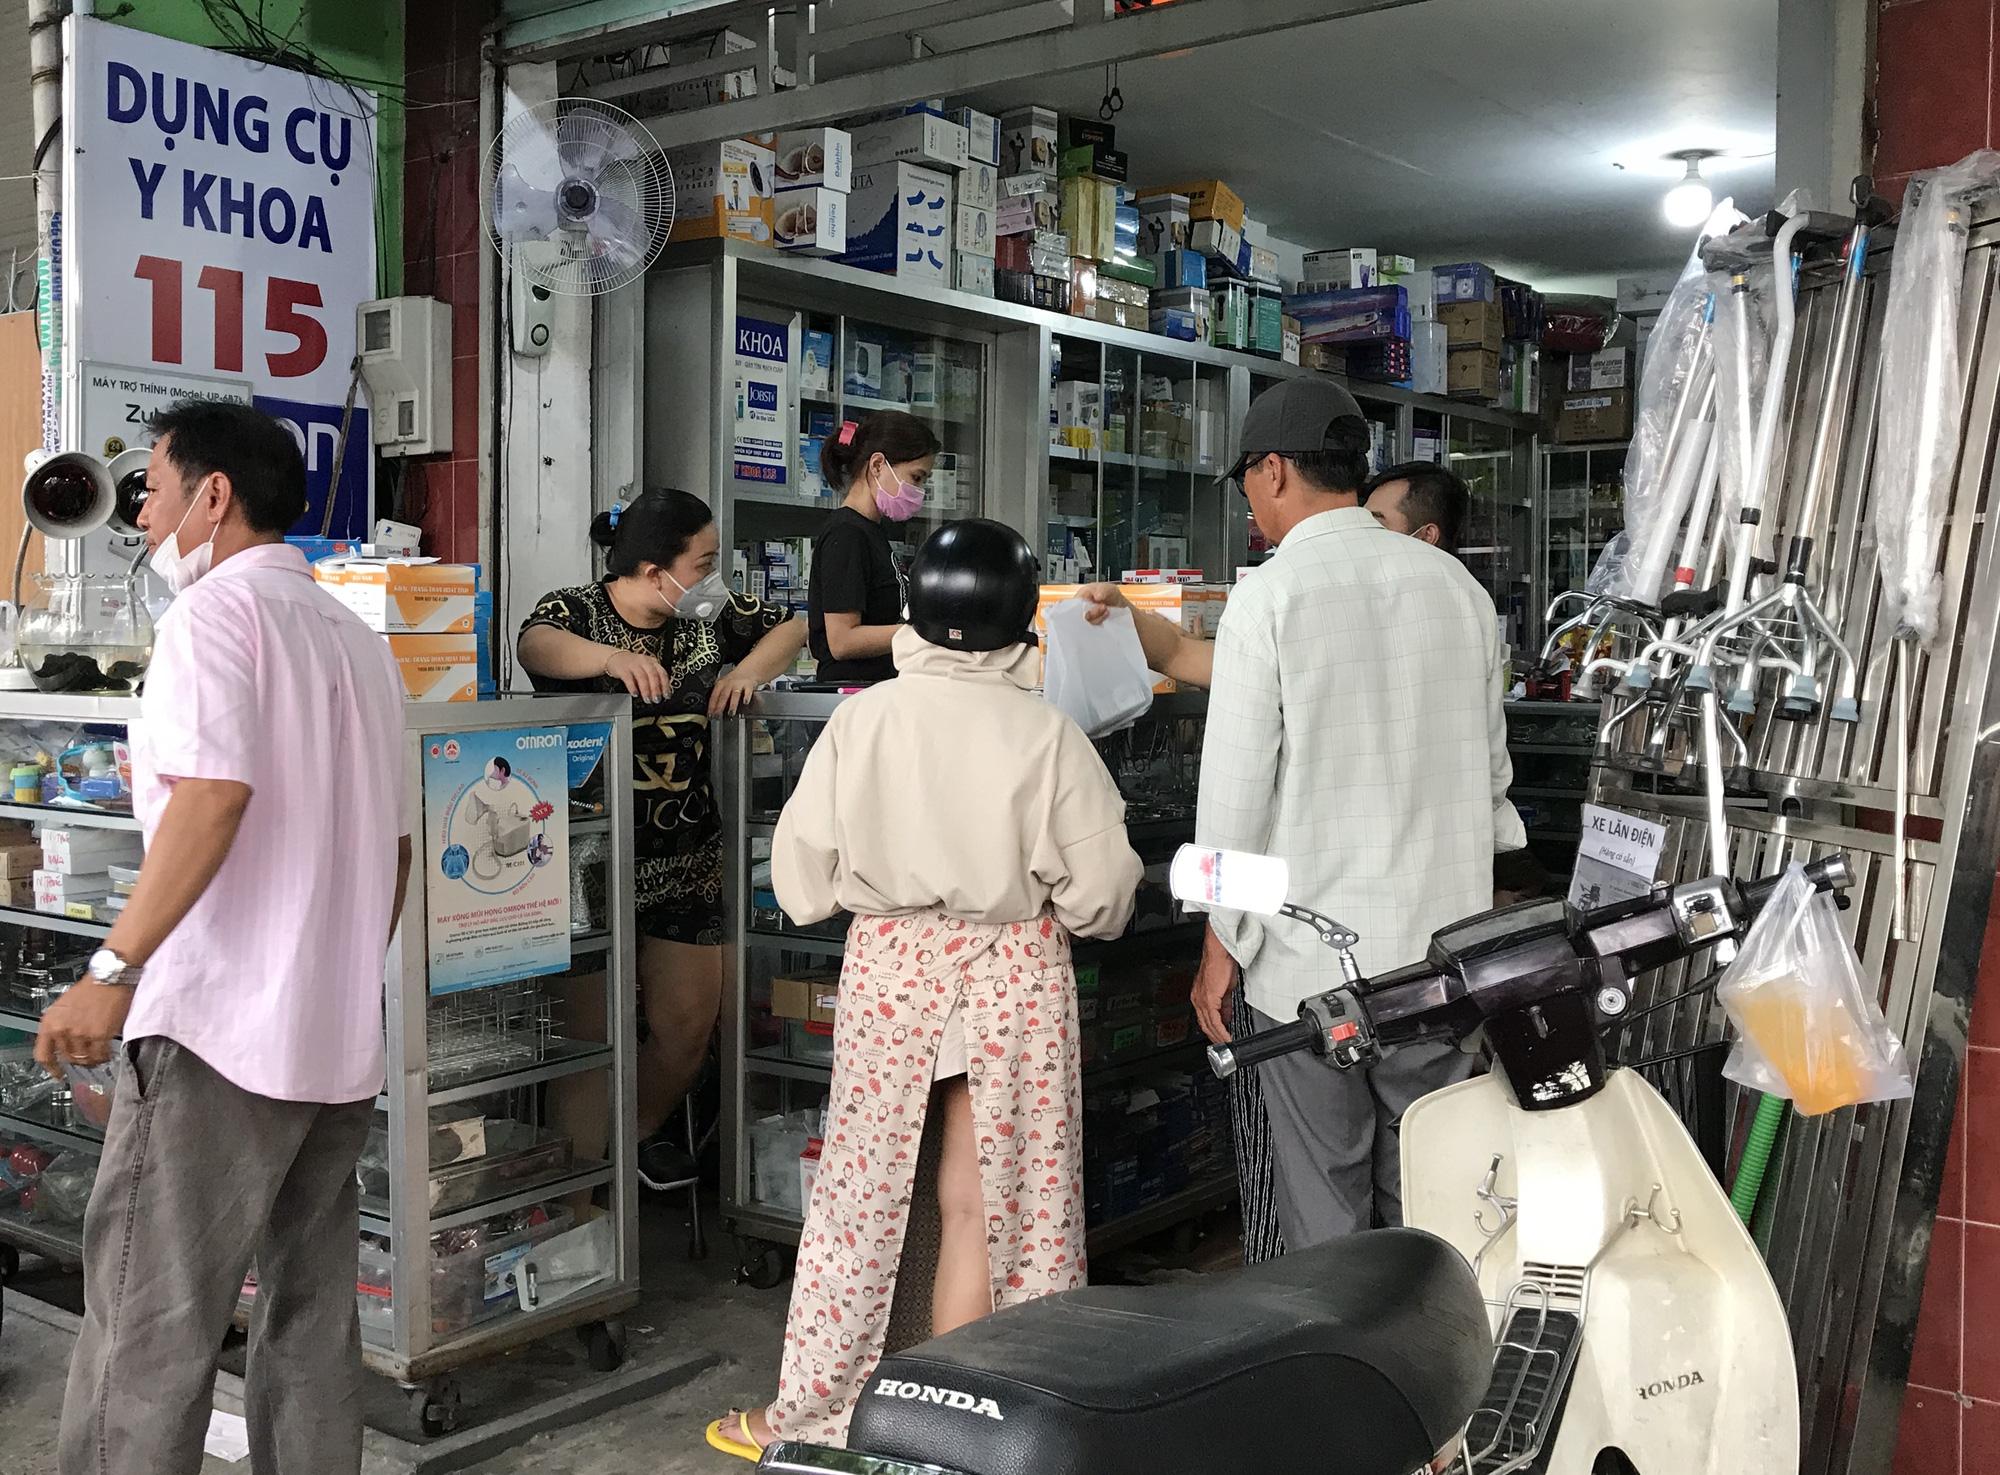 Lập biên bản cửa hàng lợi dụng dịch viêm phổi Vũ Hán hét giá khẩu trang - Ảnh 2.